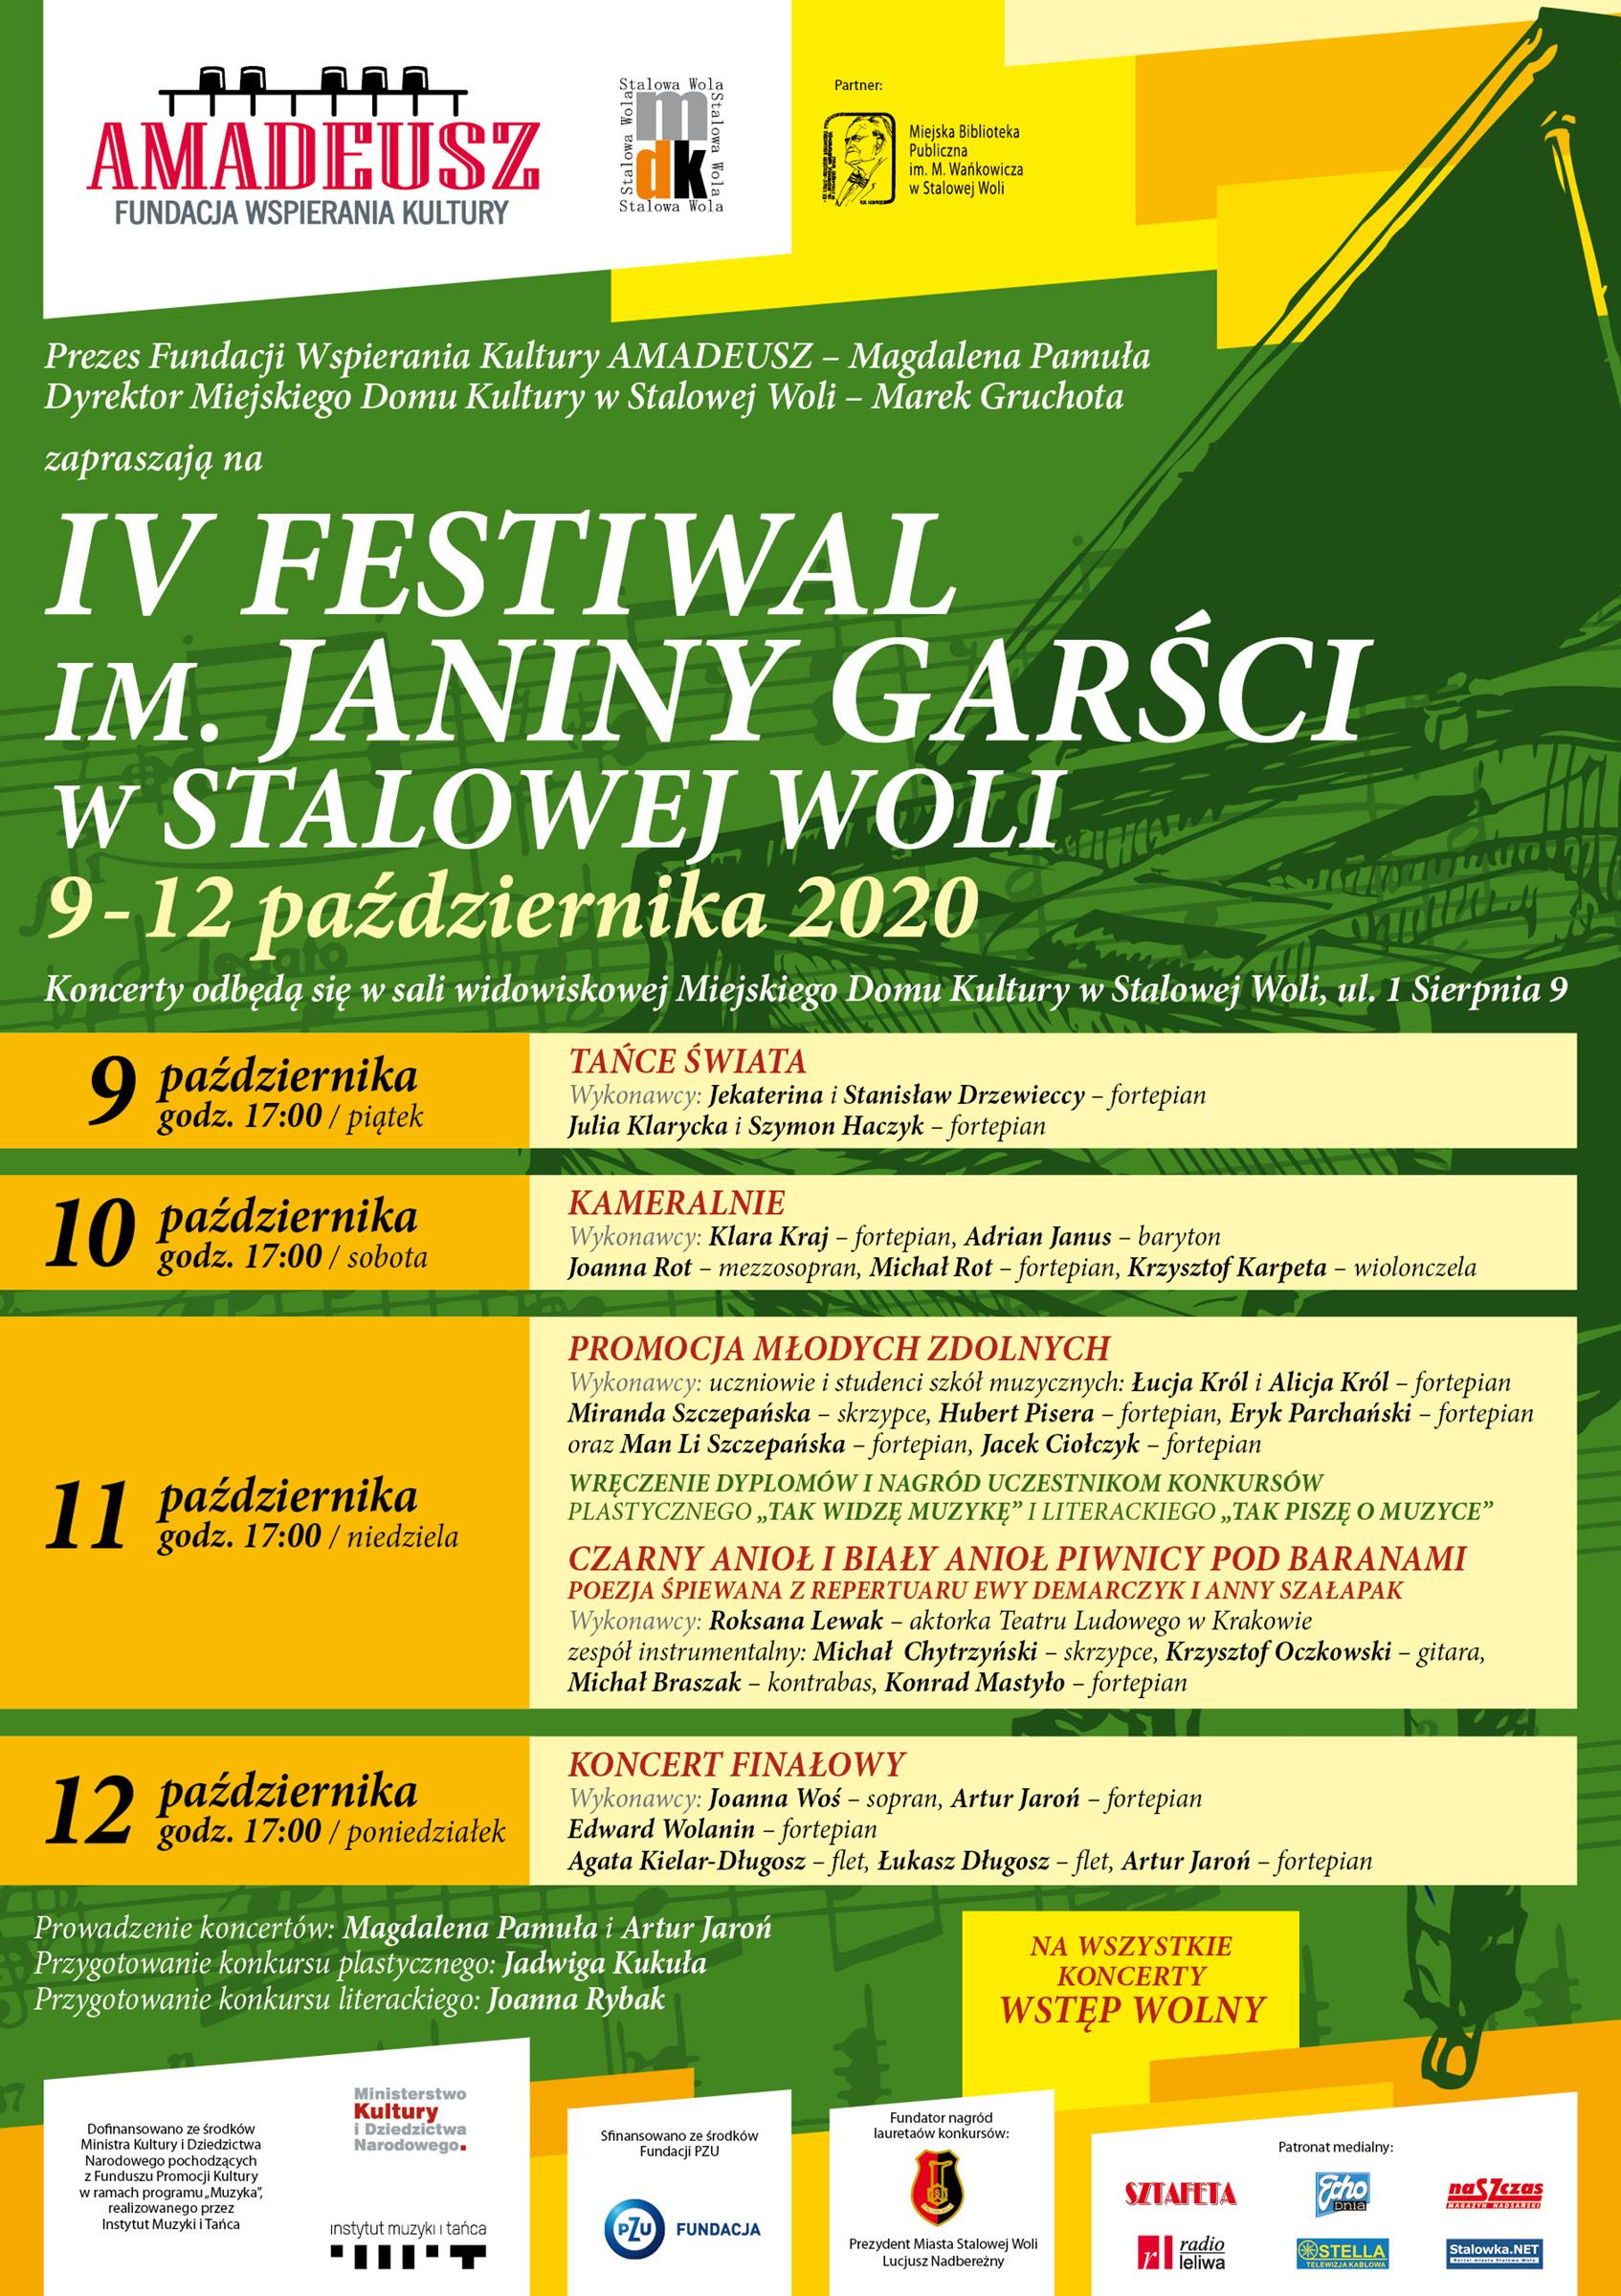 IV Festiwal im. Janiny Garści w Stalowej Woli